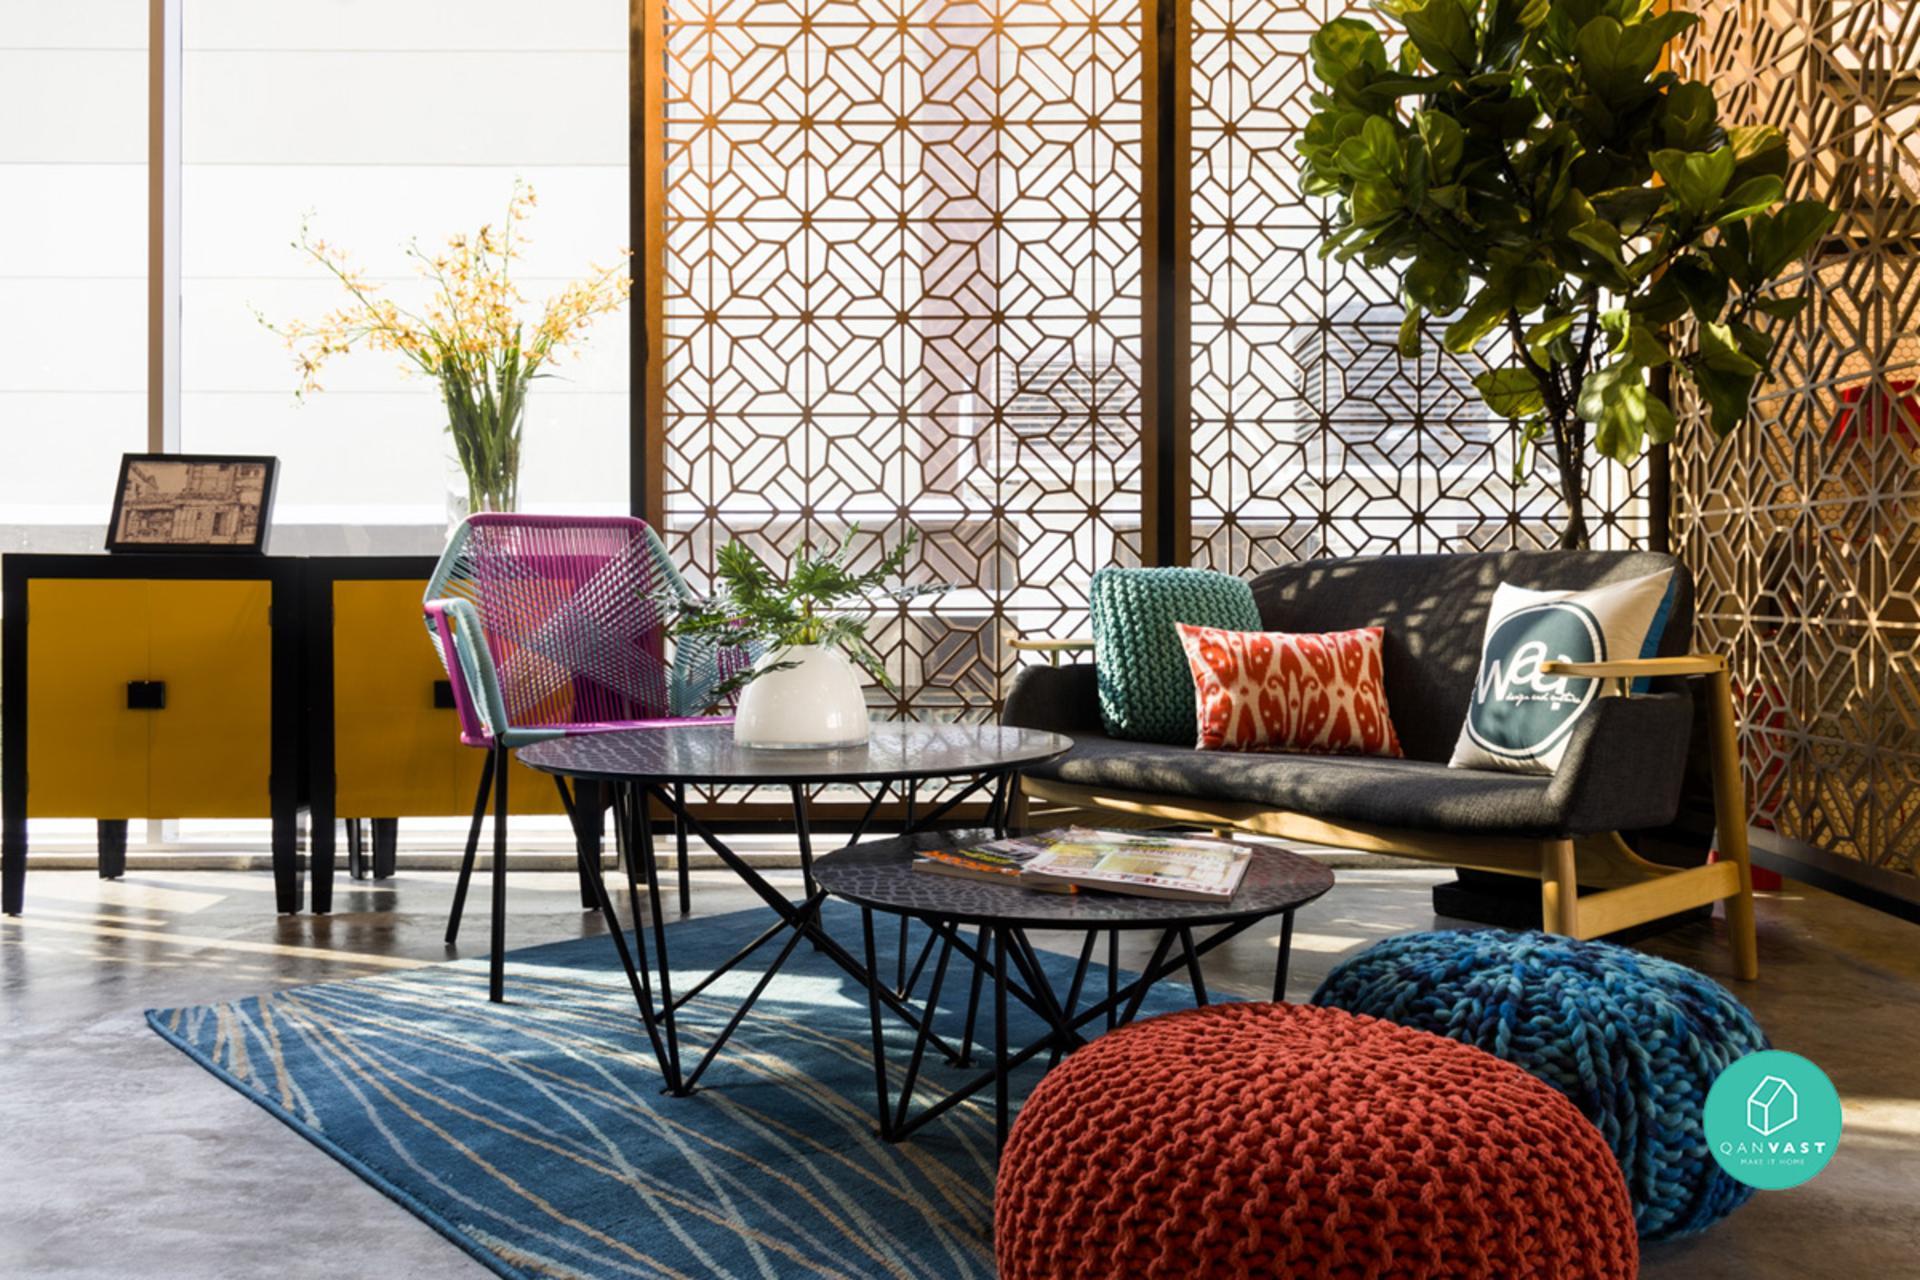 Inspiration ideas qanvast home design renovation for Home decor johor bahru